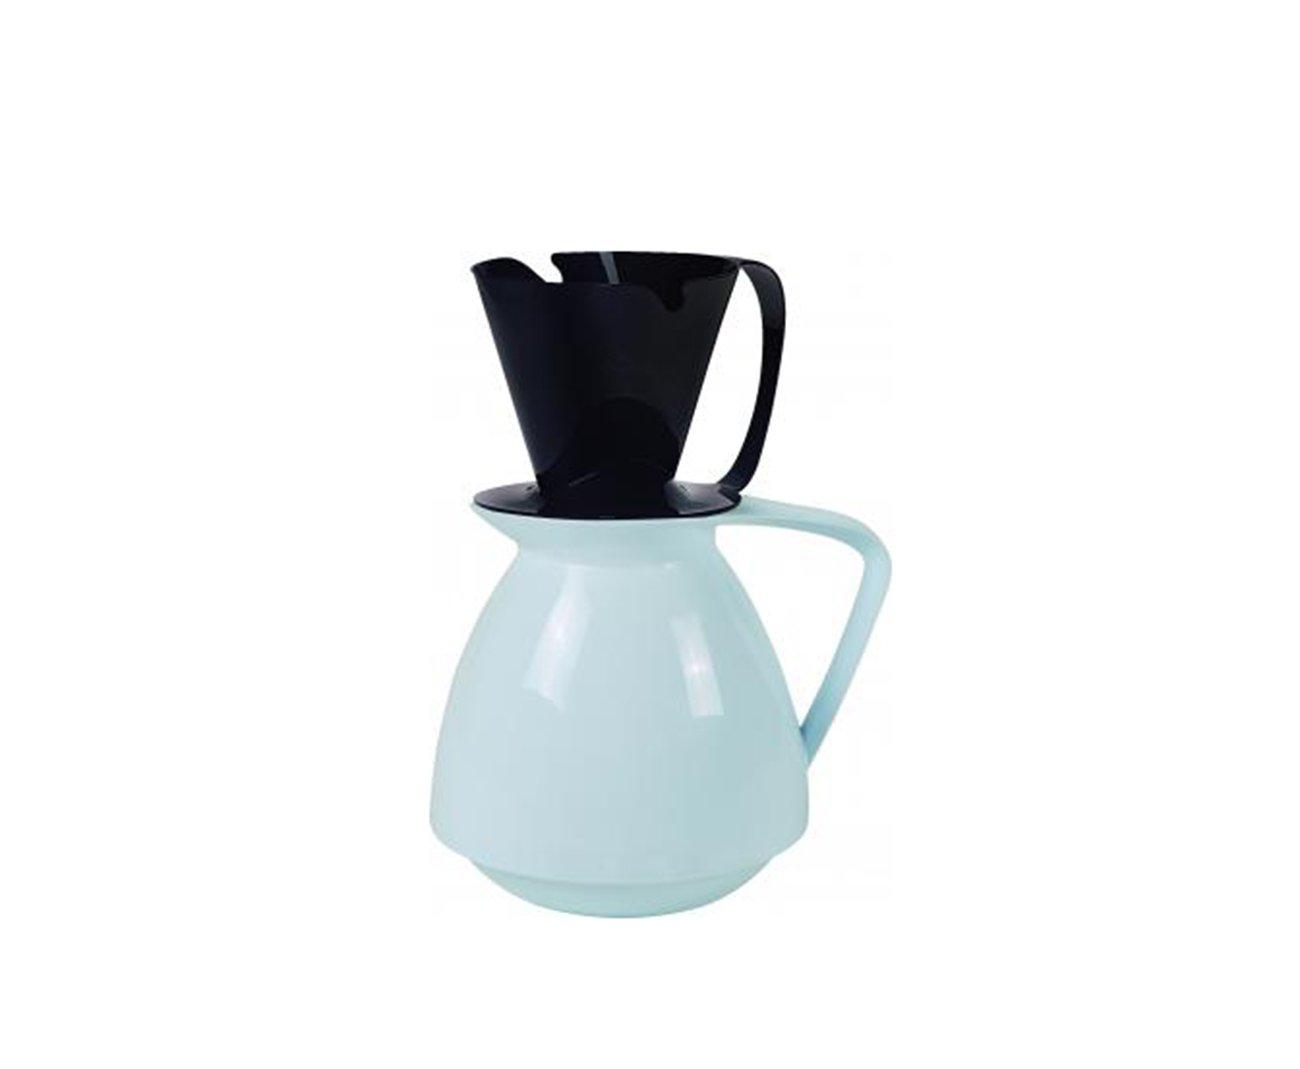 Garrafa Termica Amabile + Coador Cafe Ref. 25107801 - Mor